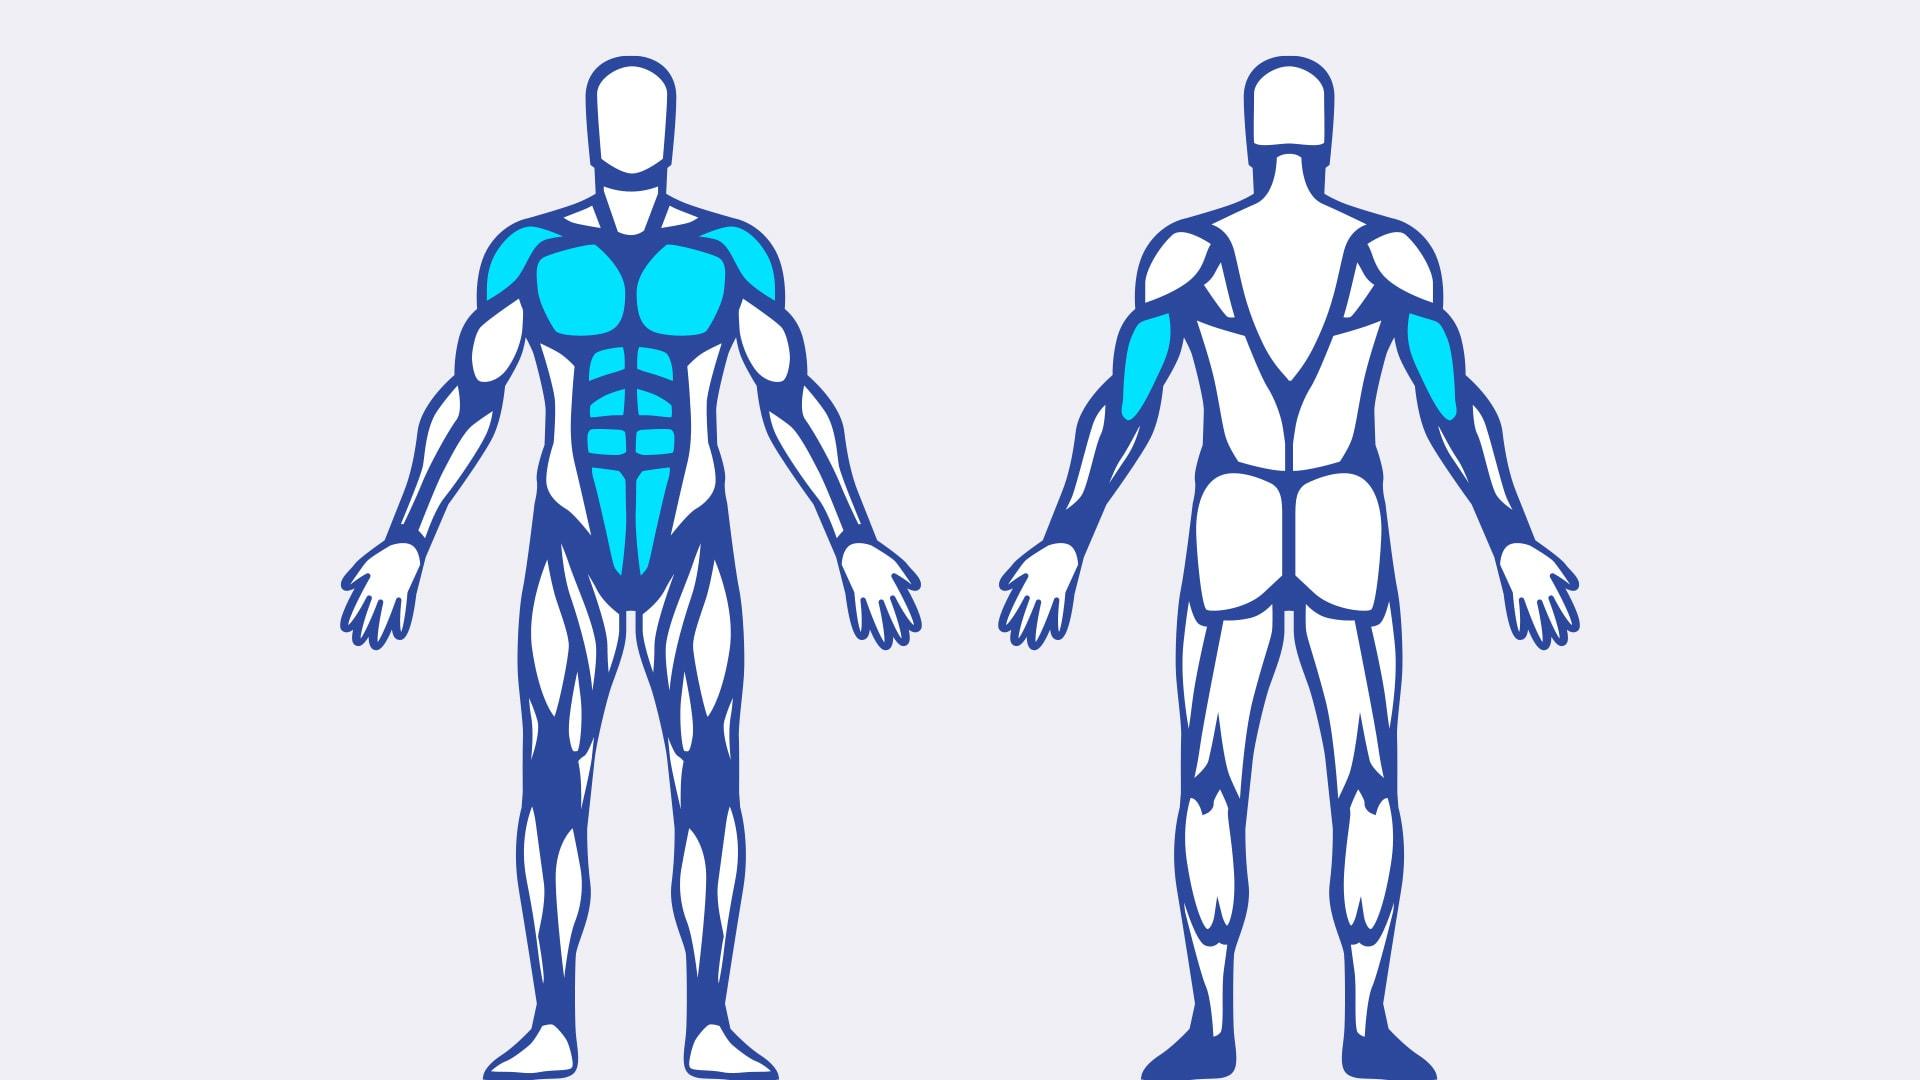 Las flexiones apuntan a su pecho, hombros, tríceps y músculos centrales.